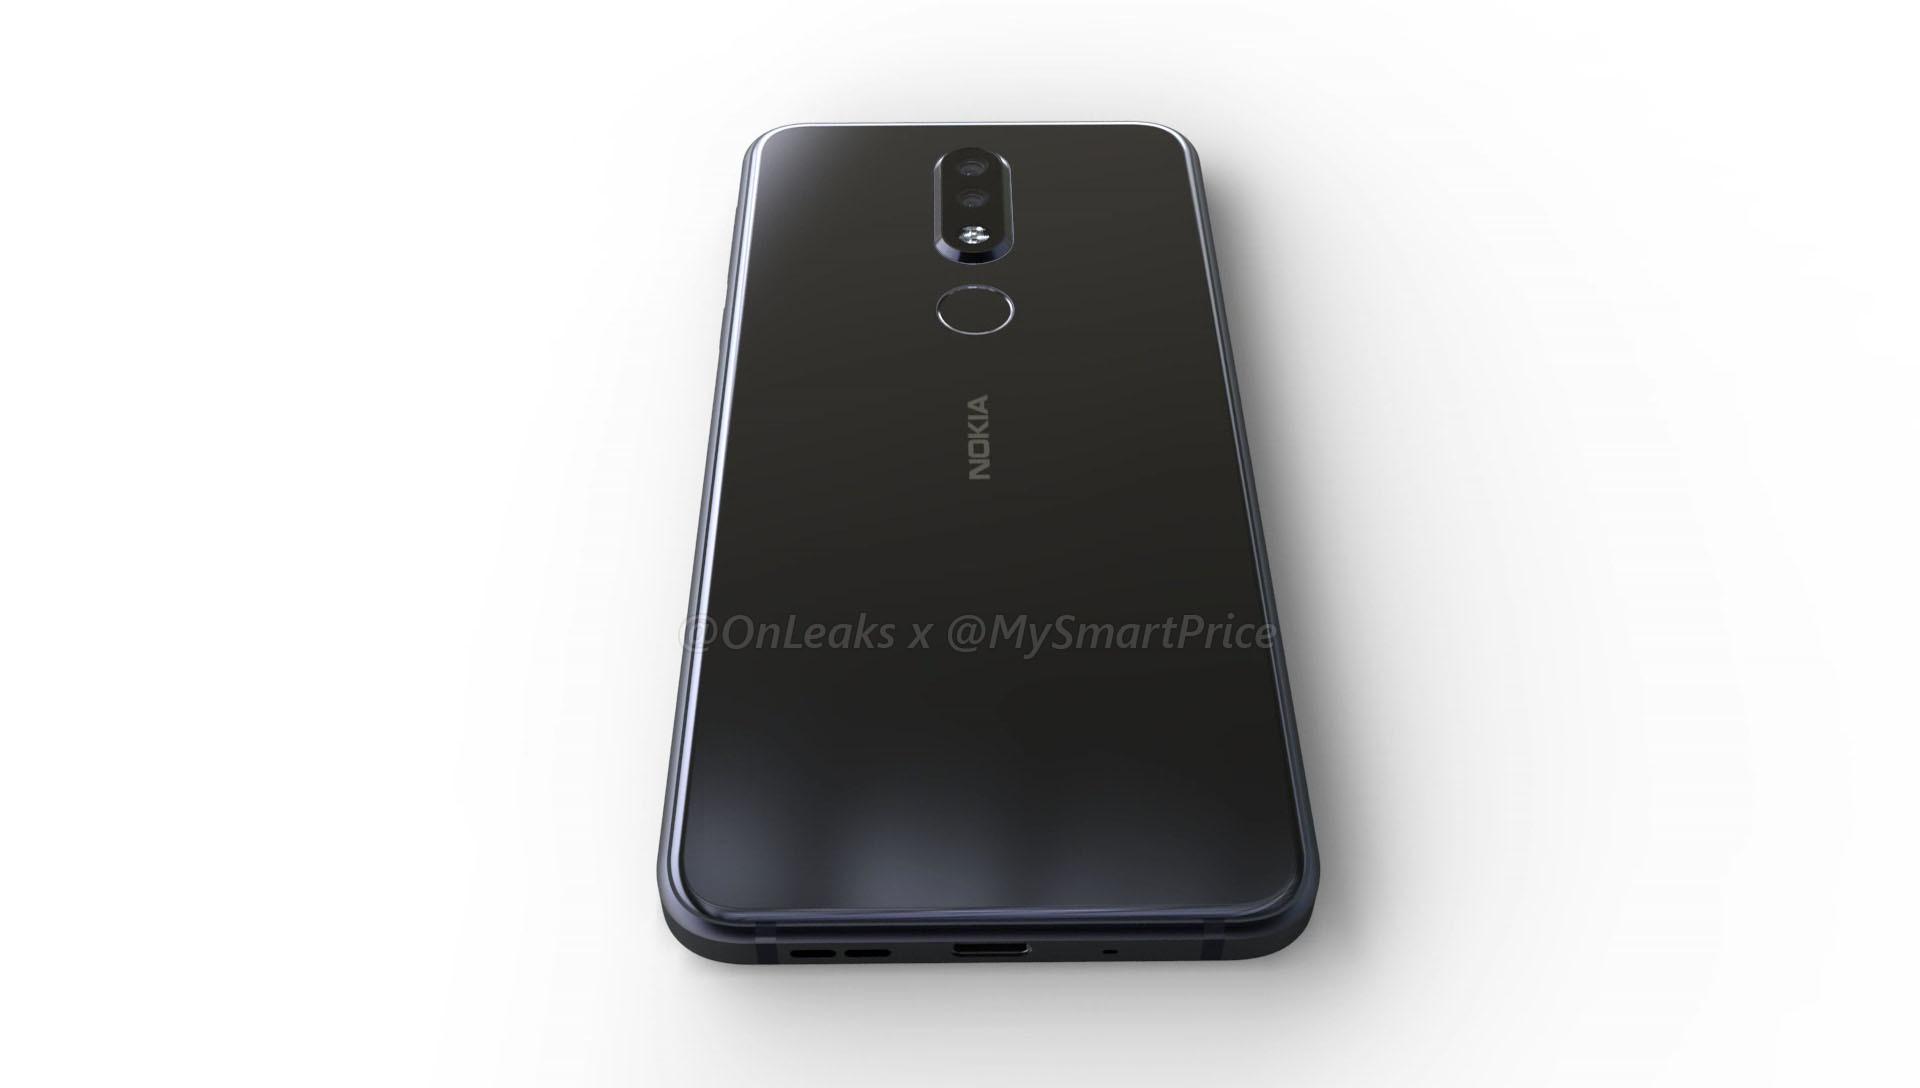 Sforum - Trang thông tin công nghệ mới nhất Nokia-7.1-Plus-3 Lộ ảnh render Nokia 7.1 Plus: Snapdragon 710, 6GB RAM, vẫn có tai thỏ, ra mắt vào ngày 4/10